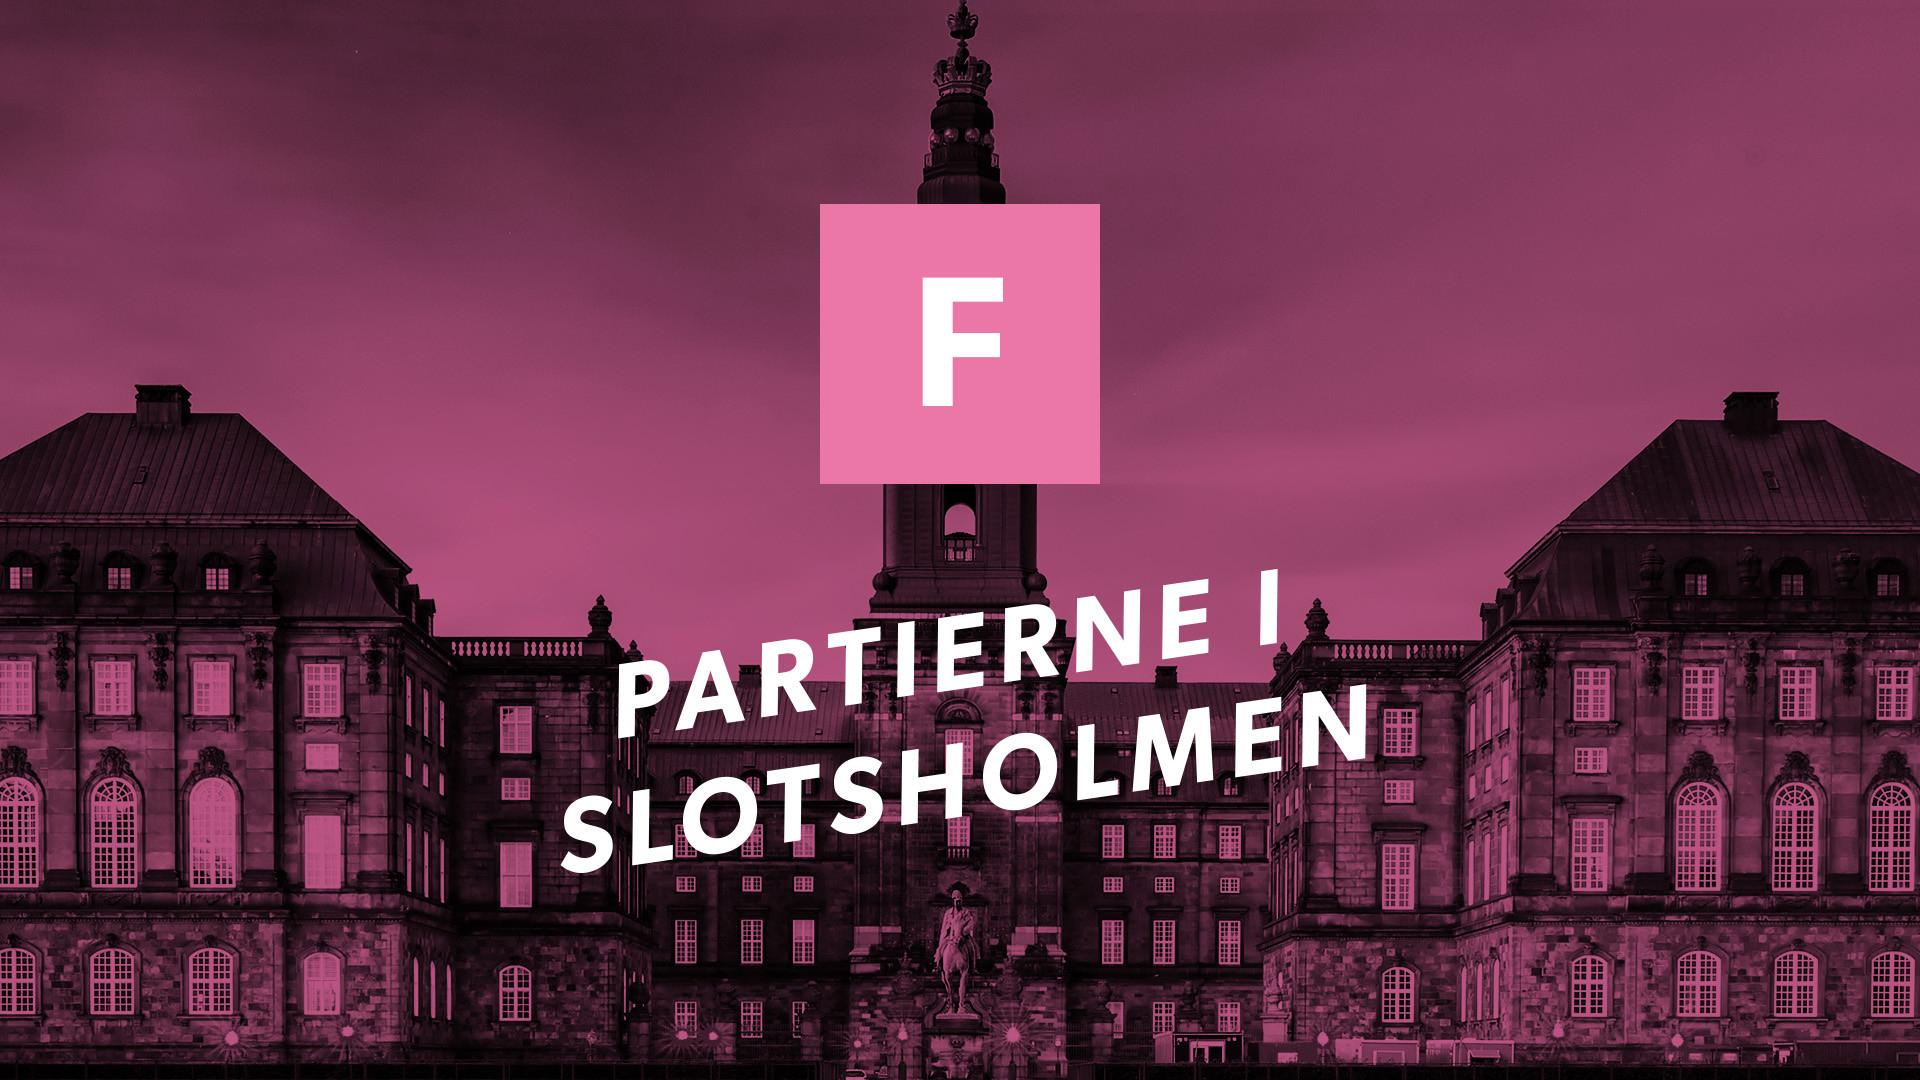 slotsholmen-sf.jpg